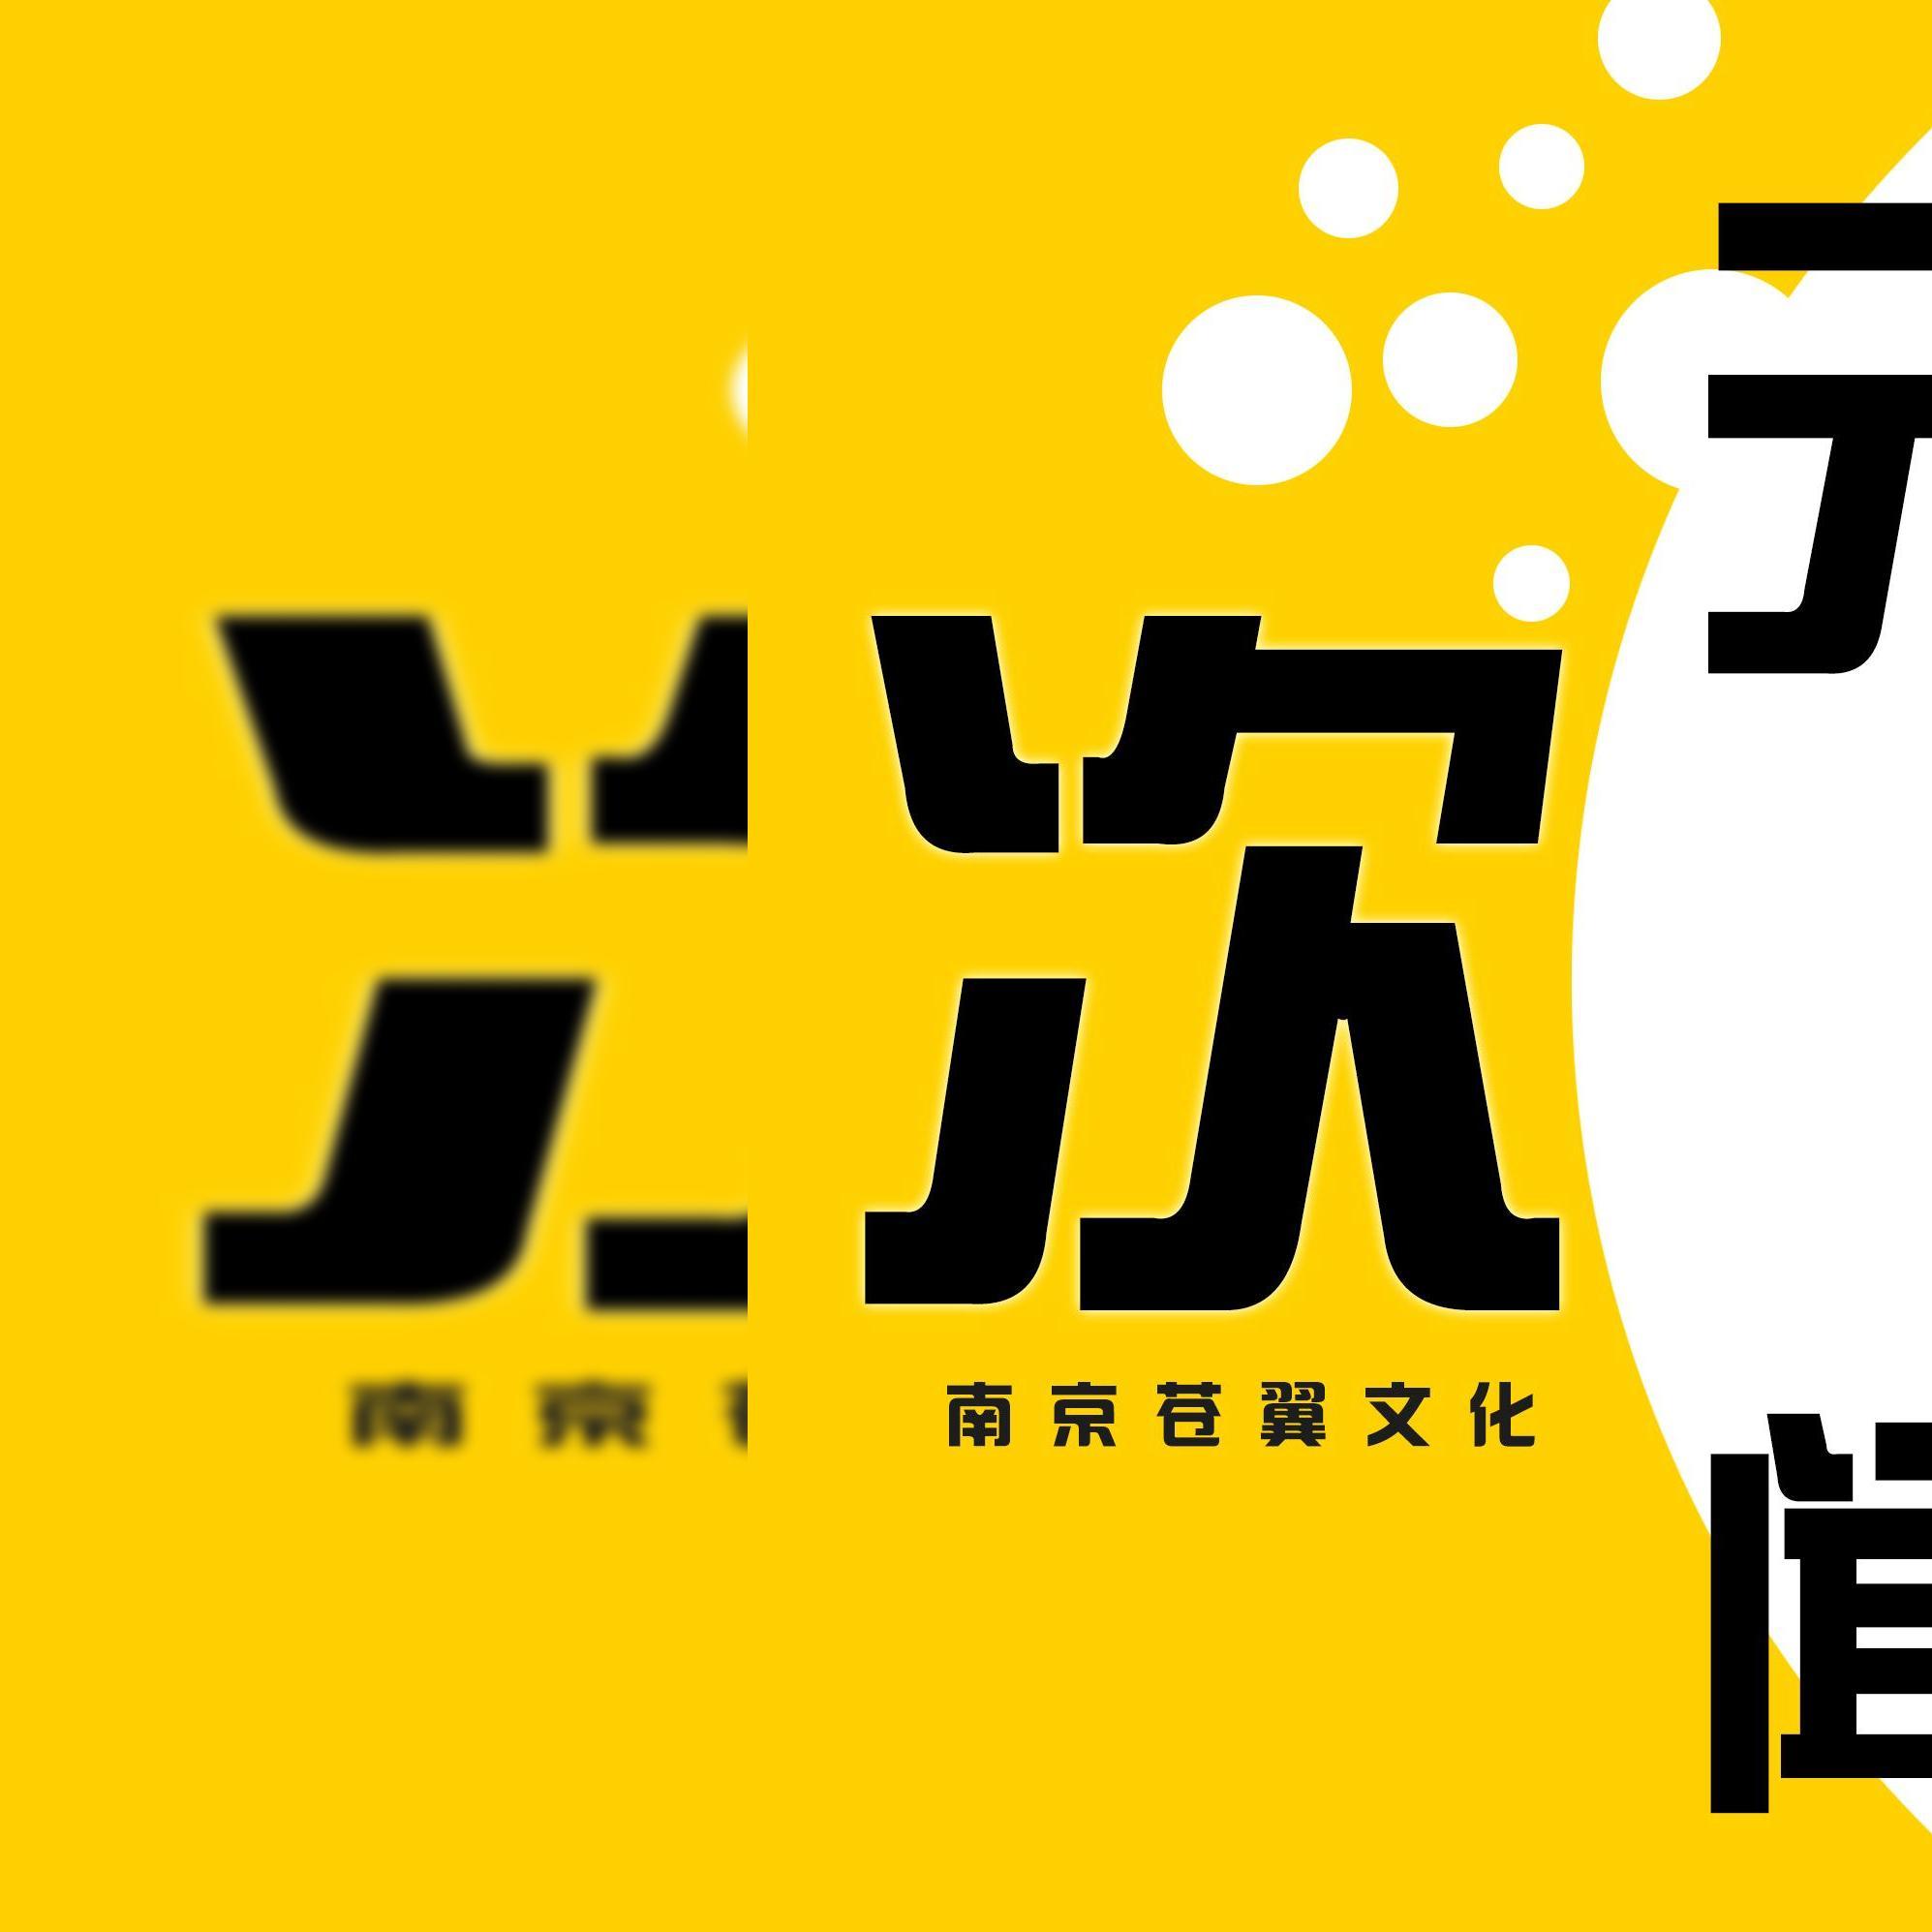 【次元新闻】迟来的广深之旅【萤火虫】【深漫】混剪